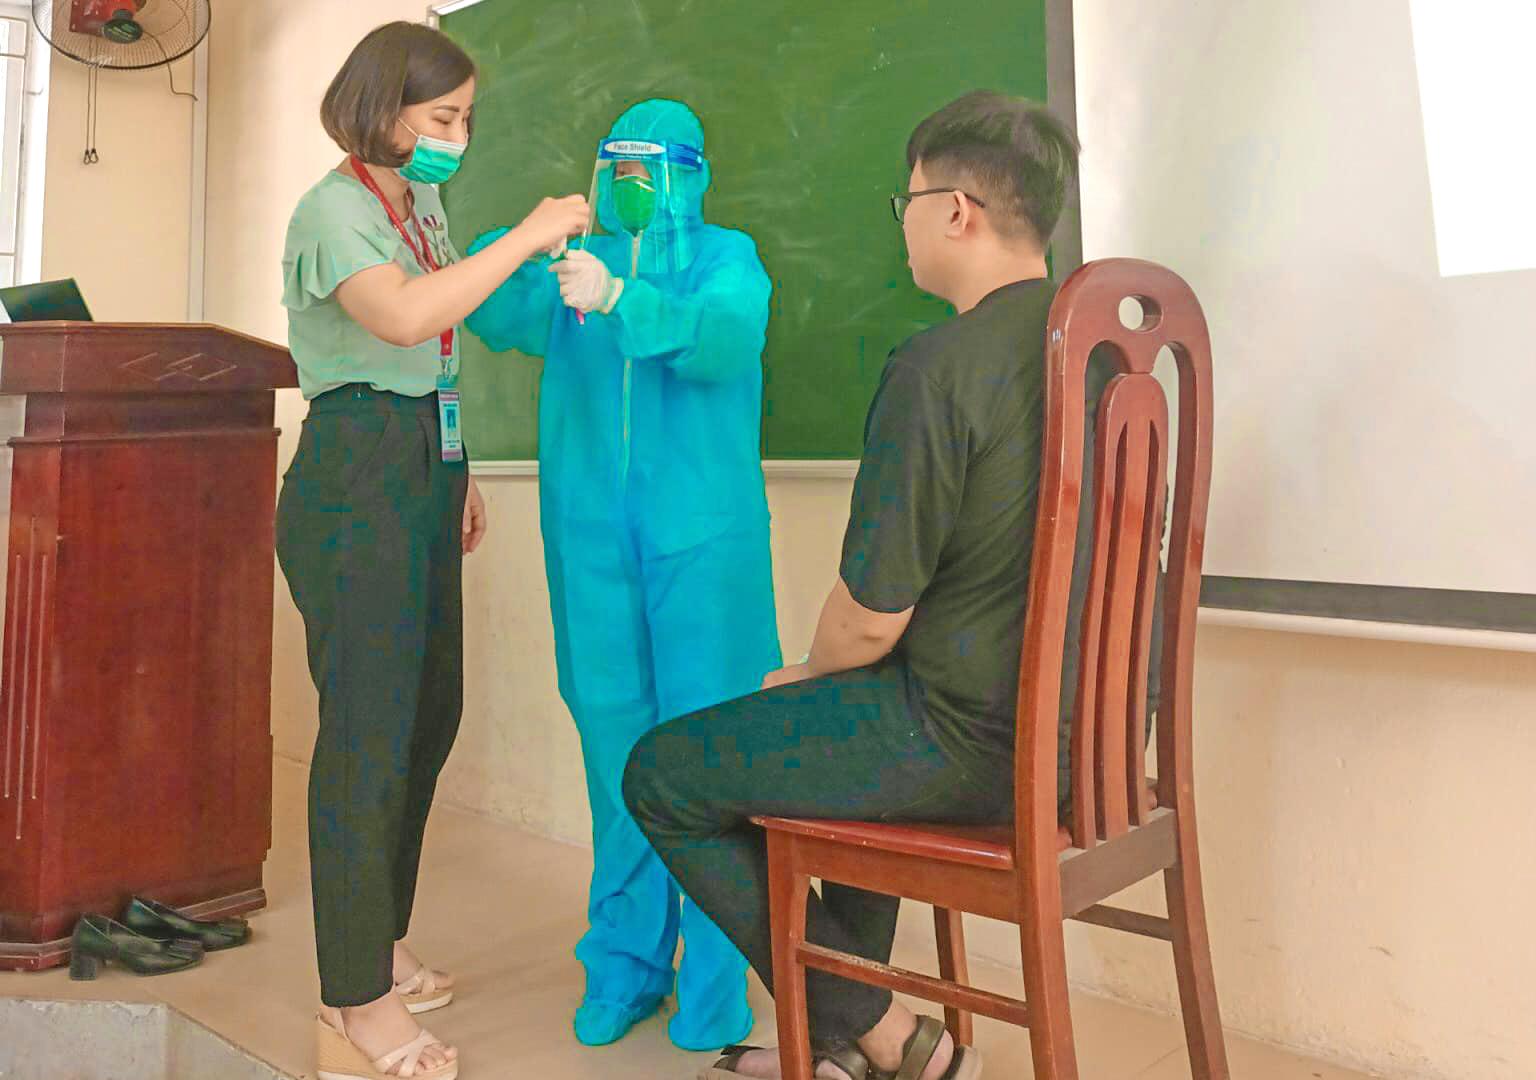 Là một bác sĩ trong tương lai, nhiều sinh viên mong muốn được đóng góp chút sức mọn của mình trong công tác phòng chống dịch